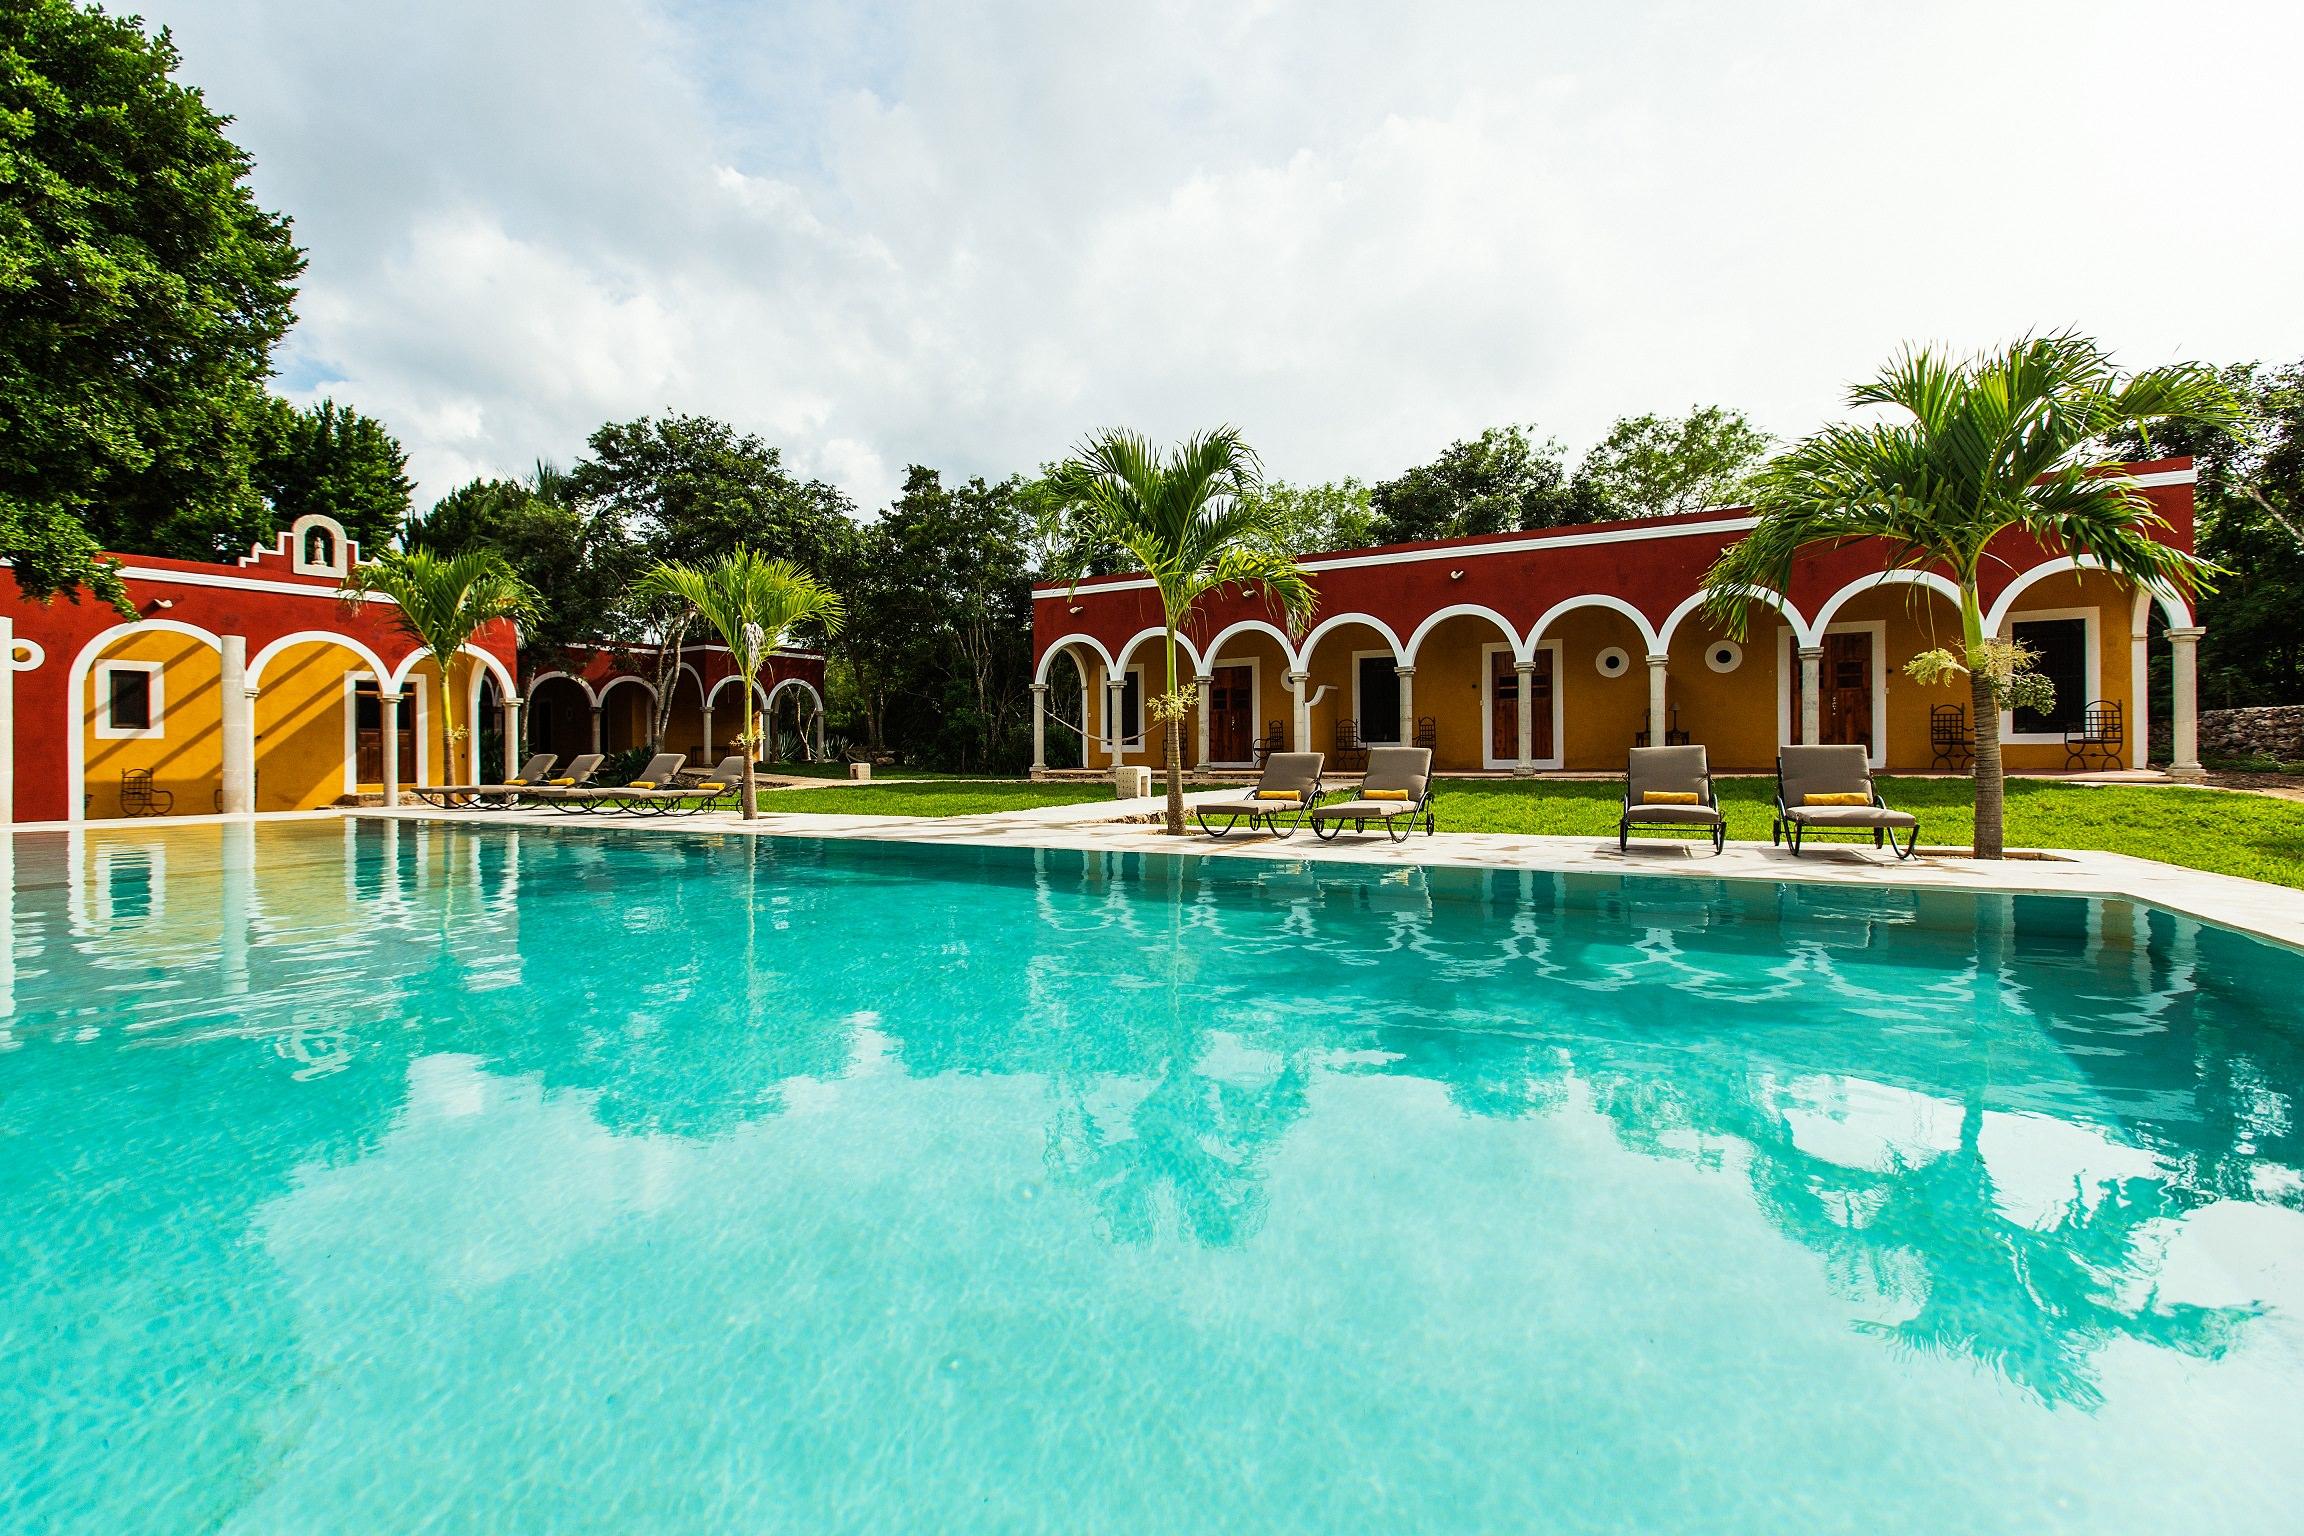 """L'Hacienda Ticum, ou Xcum, signifie en maya """"lieu du dieu de l'air"""". Établie en 1891, elle fut, dans une première vie,dédiée aux plantations de sisal –comme beaucoup d'haciendas de l'époque, dont les occupants produisaient à la main les cordes des naviresen défibrant une à une les tiges de la plante. Abandonnée ensuite dans les années 30, à l'époque de la réforme agraire du président Cárdenas, quandles terres furent redistribuées aux paysans, l'haciendatomba peu à peuen ruine. Seules les femmes de la chapelle du village voisin, Ekmul, continuèrent de veniry célébrer la sainte Croix et son saint, Santa Cruz."""